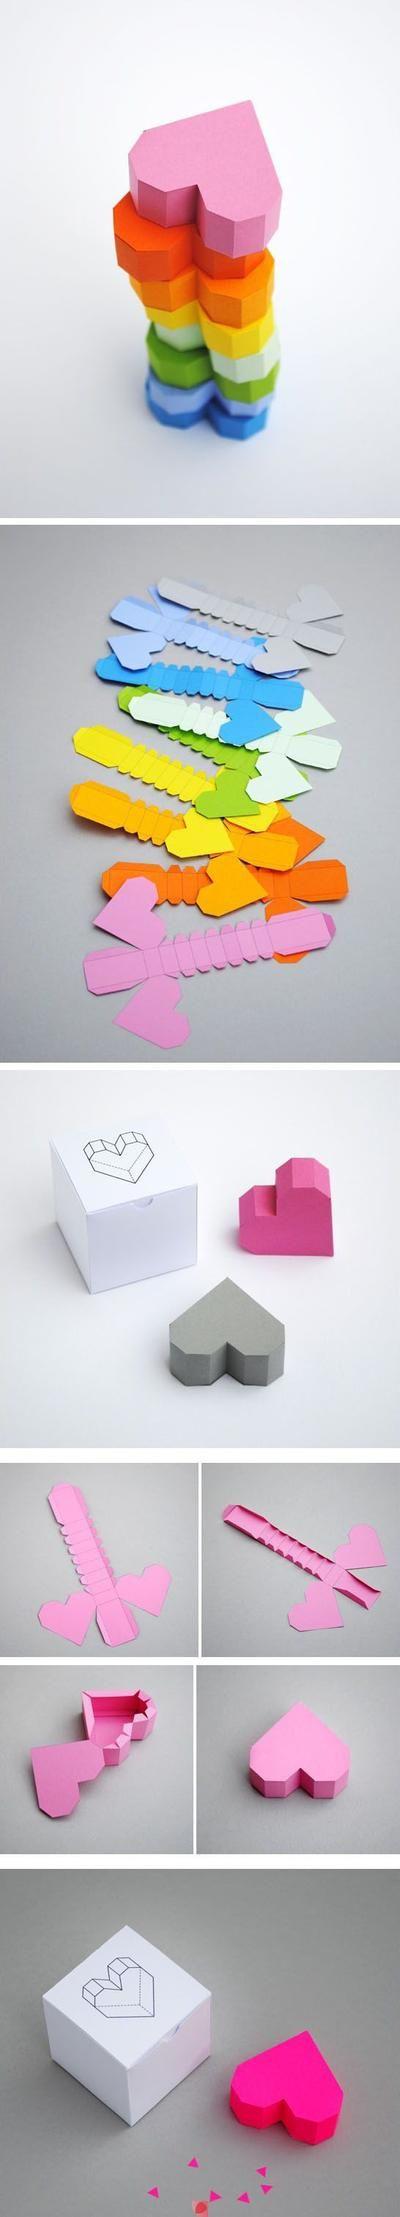 Leuk voor valentijn of met de meiden te knutselen